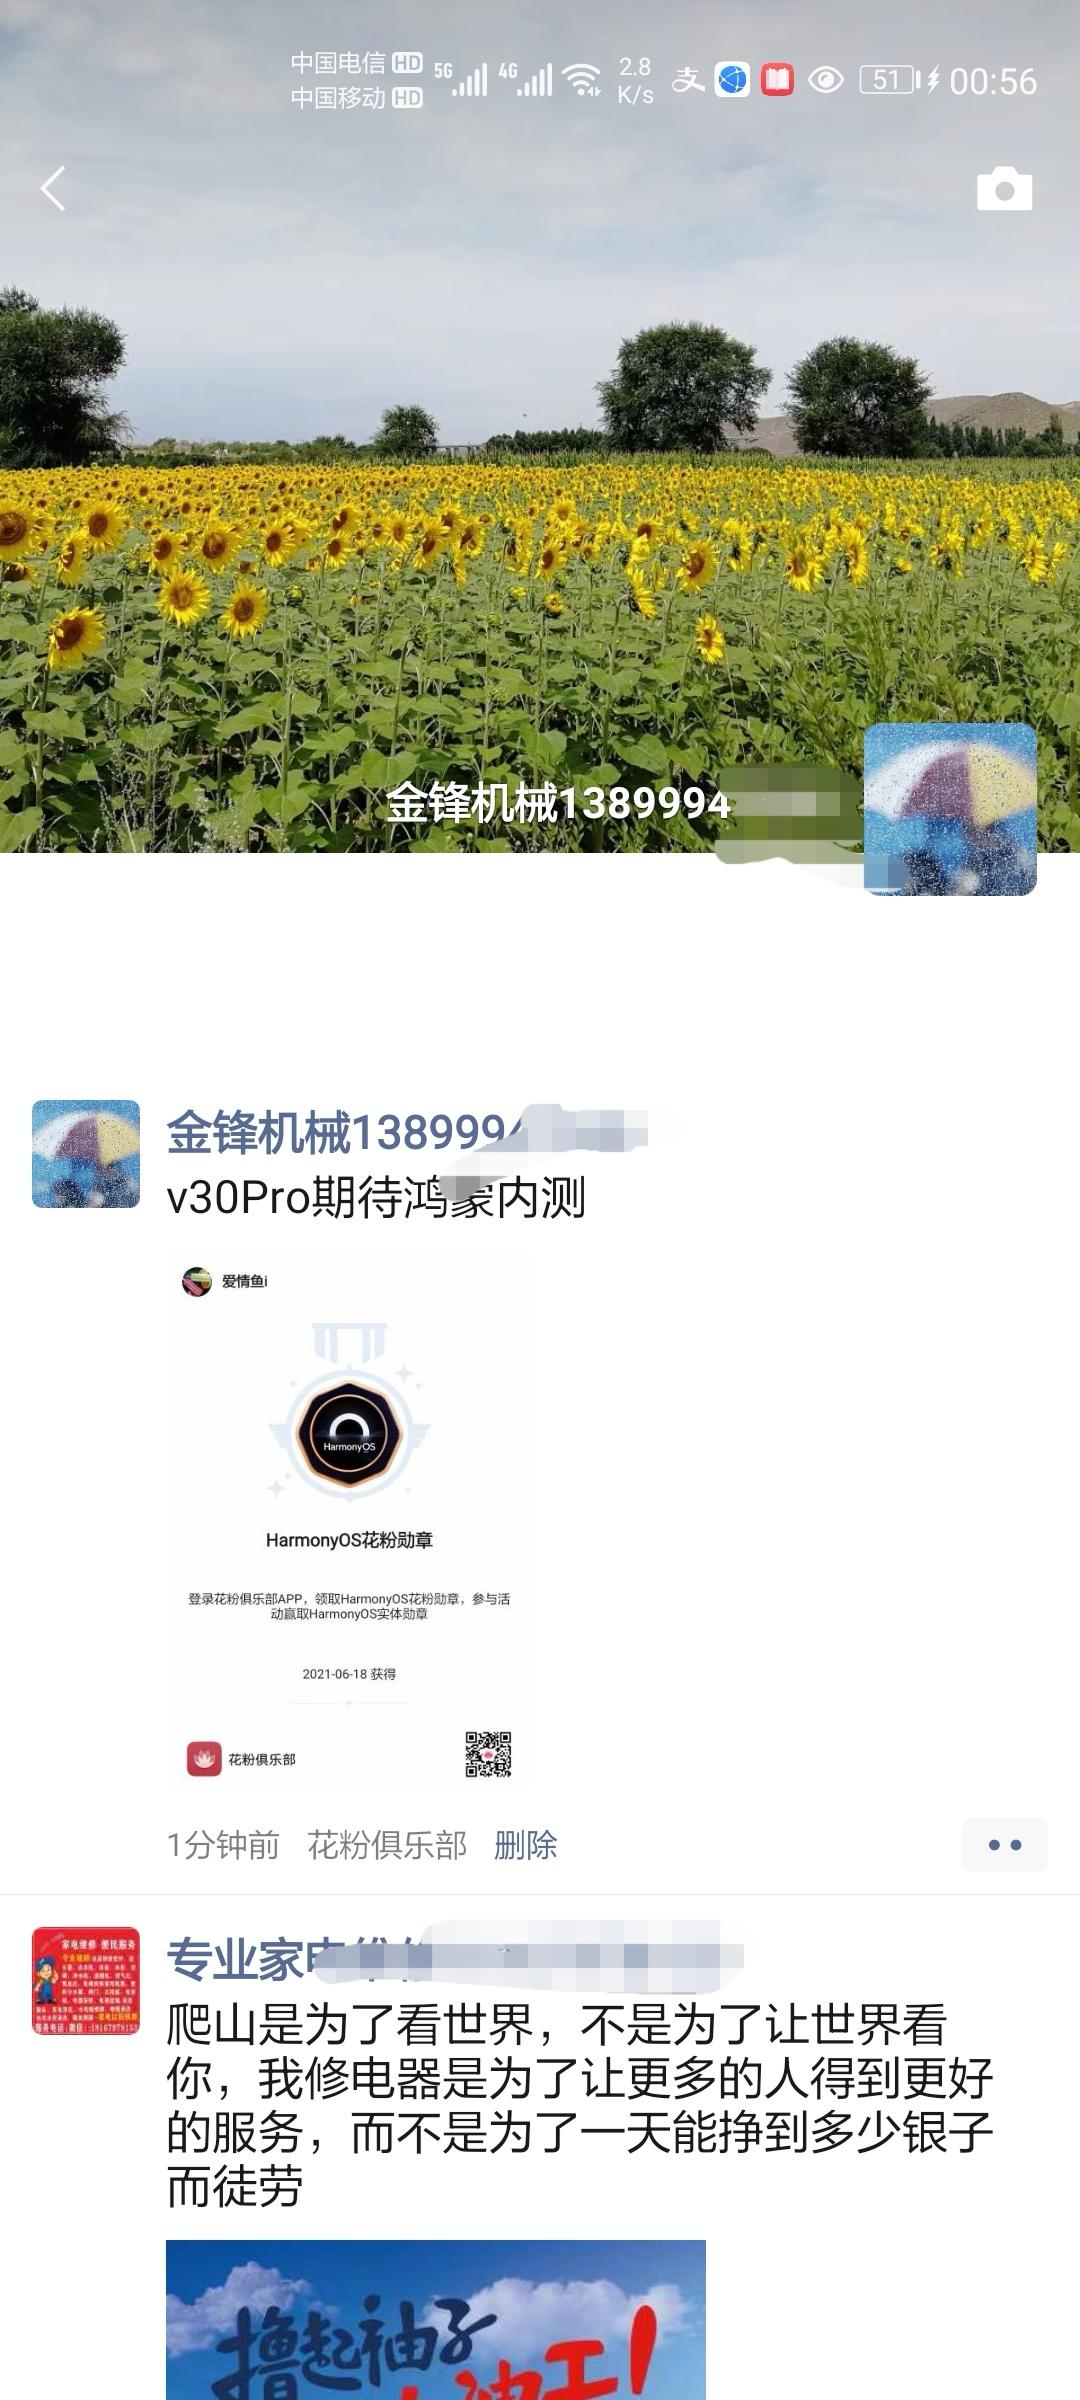 Screenshot_20210619_005607_com.tencent.mm_edit_744908917135293.jpg